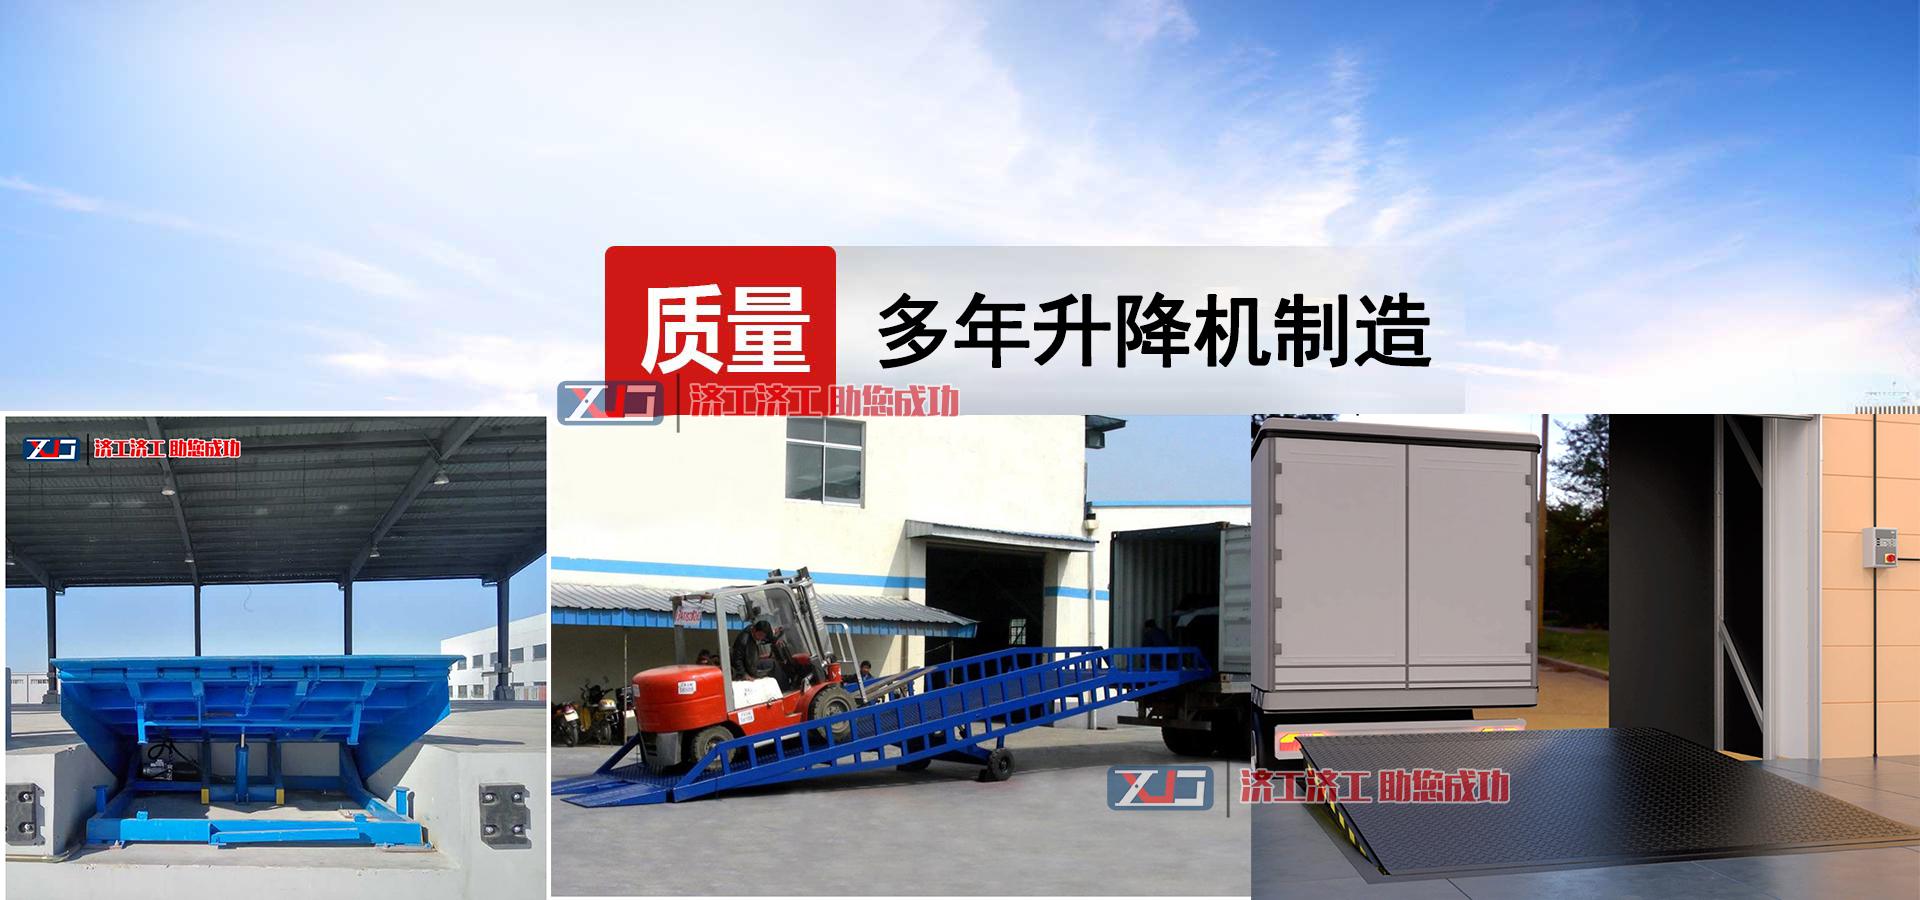 装卸平台-装卸货平台-装车平台-卸货平台-仓库卸货升降平台-升降卸货平台